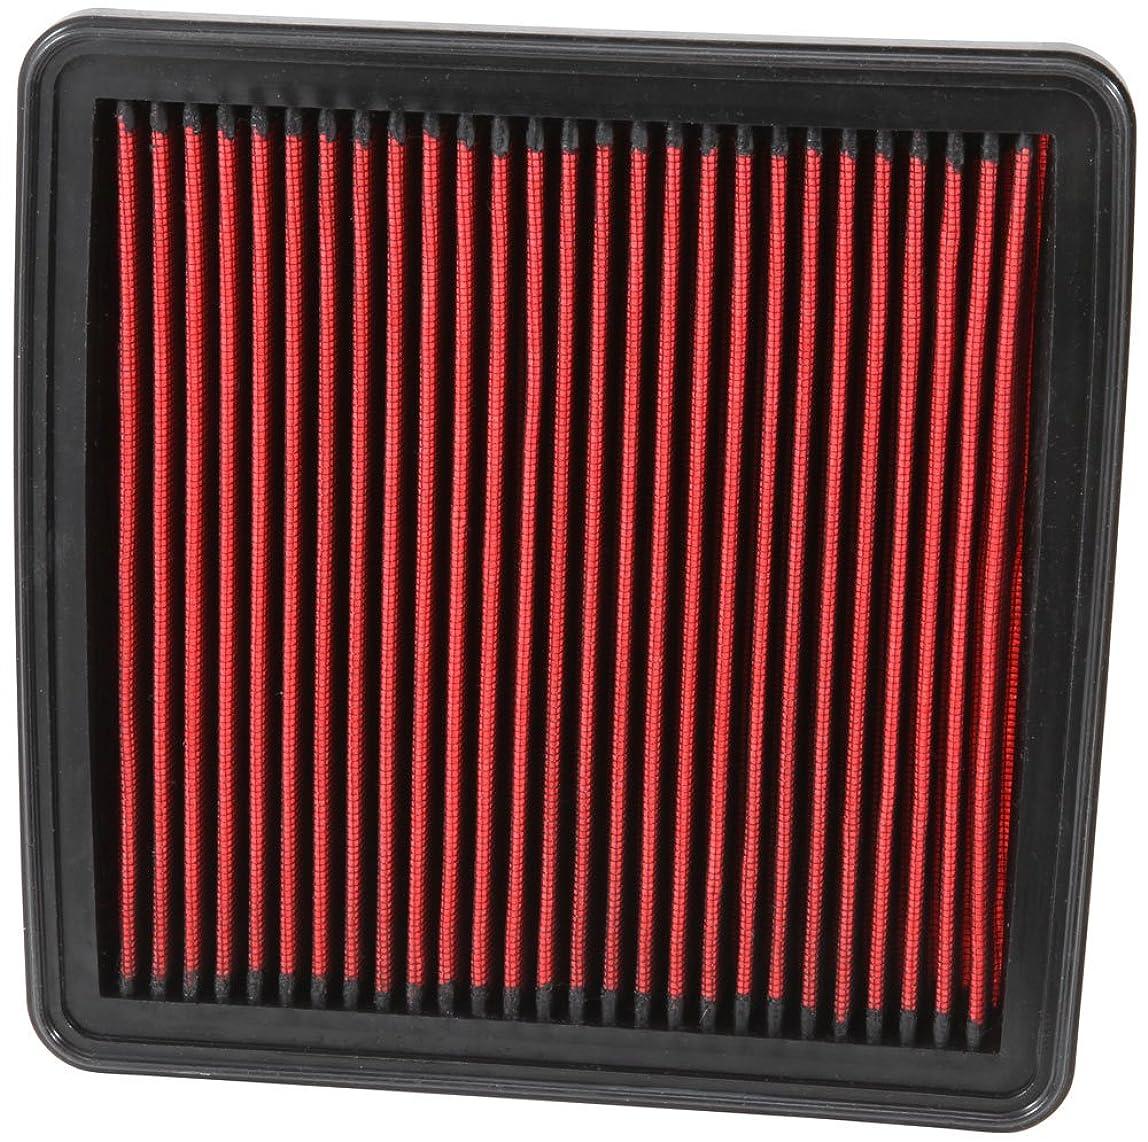 Spectre Performance HPR9997 Replacement Air Filter csaplhz999866